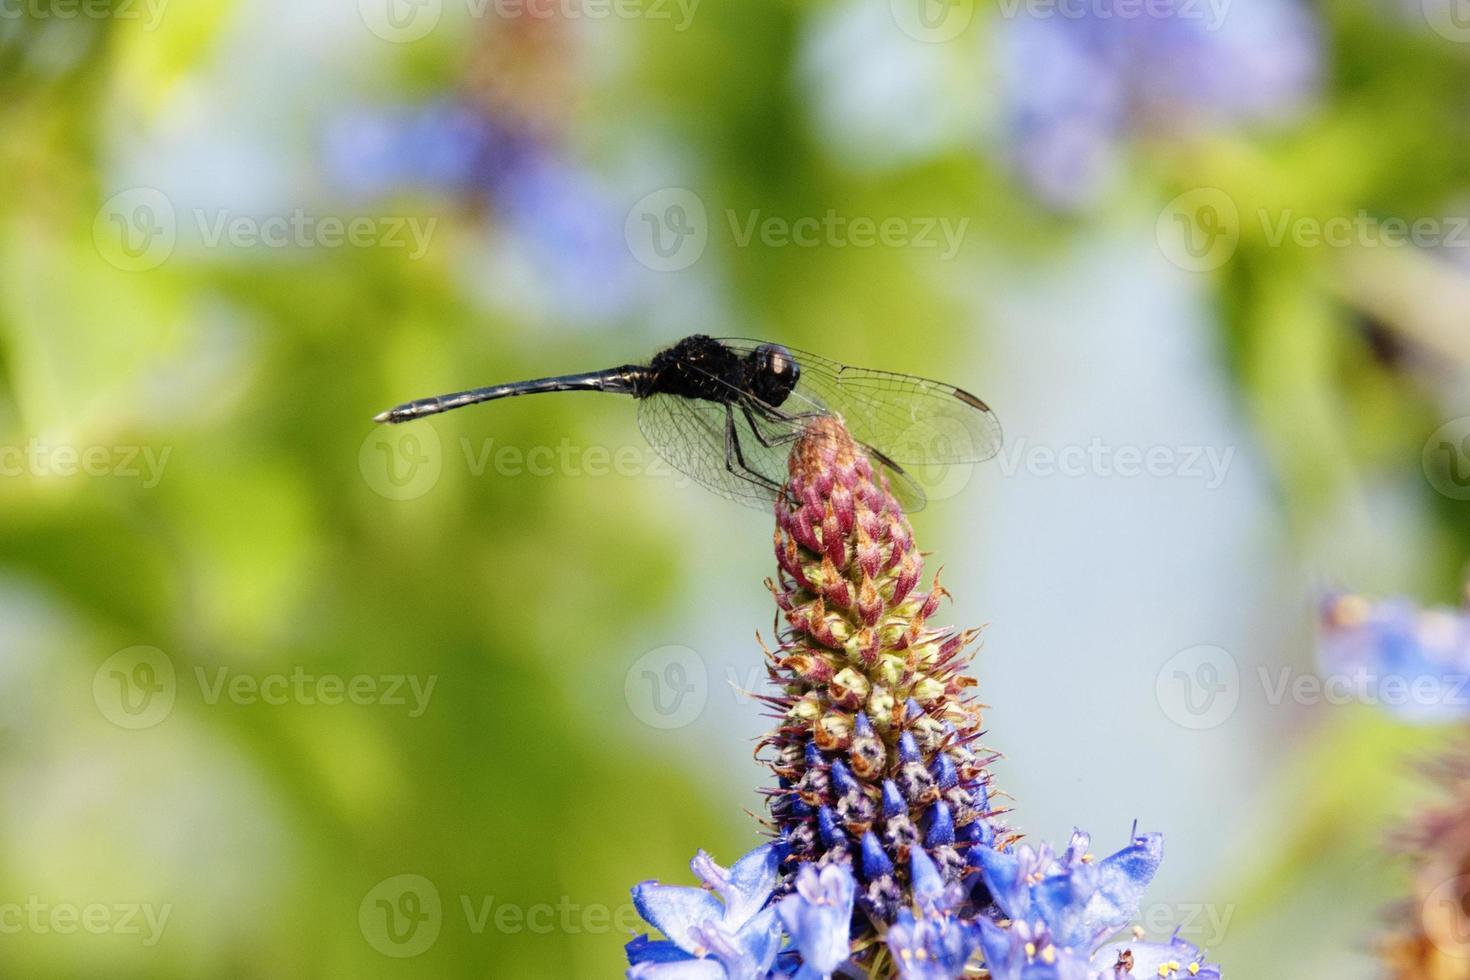 mosca del dragón en flor morada foto